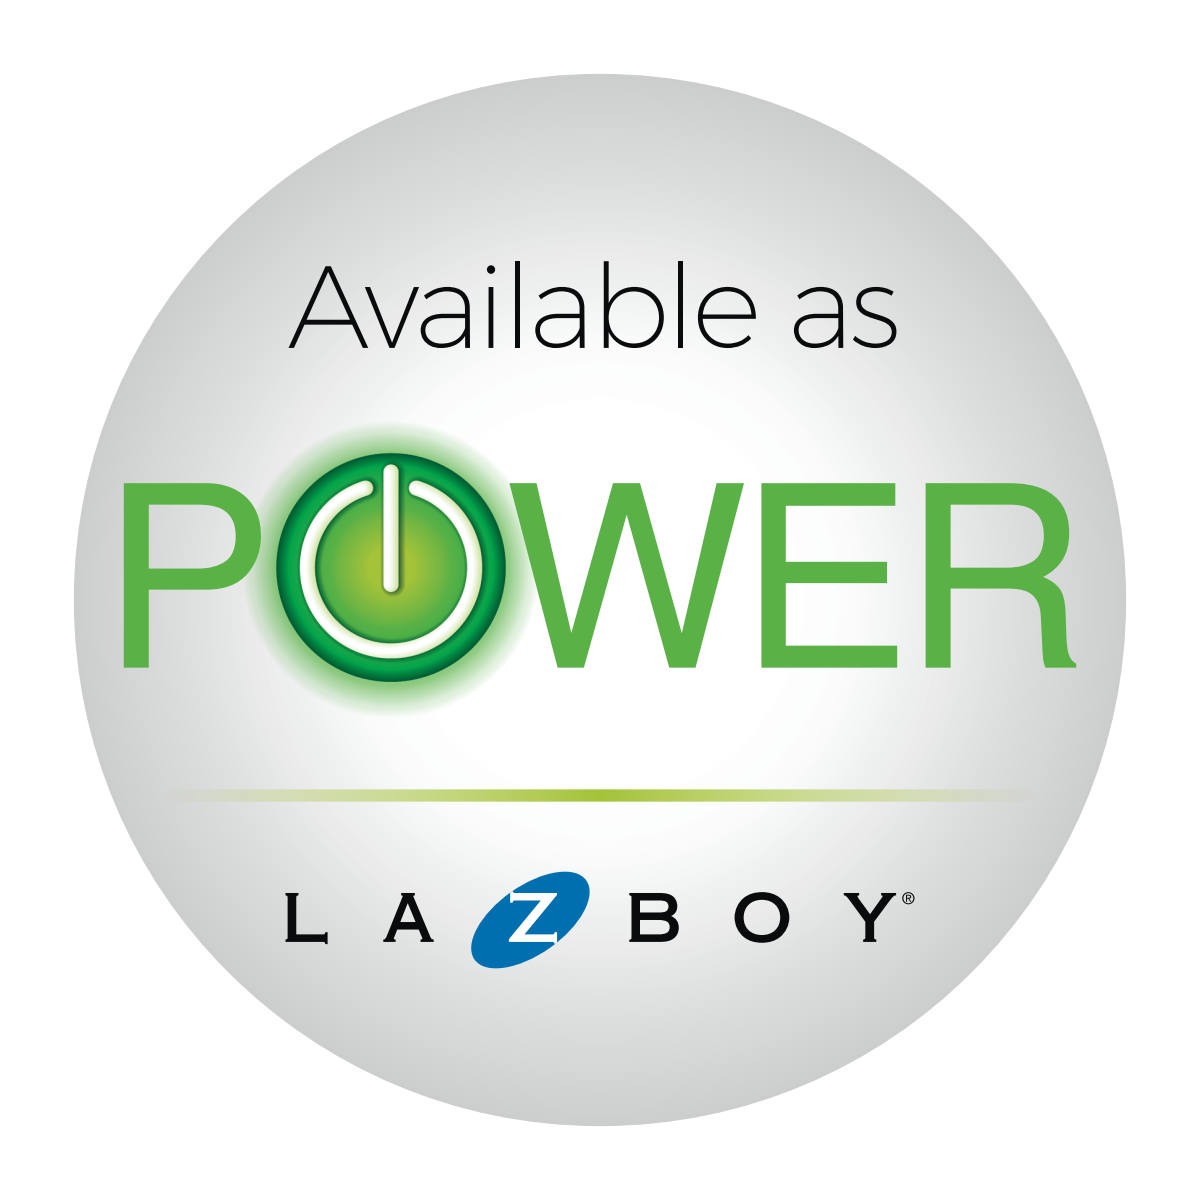 Sticker for a furnitre company (La-Z-Boy)